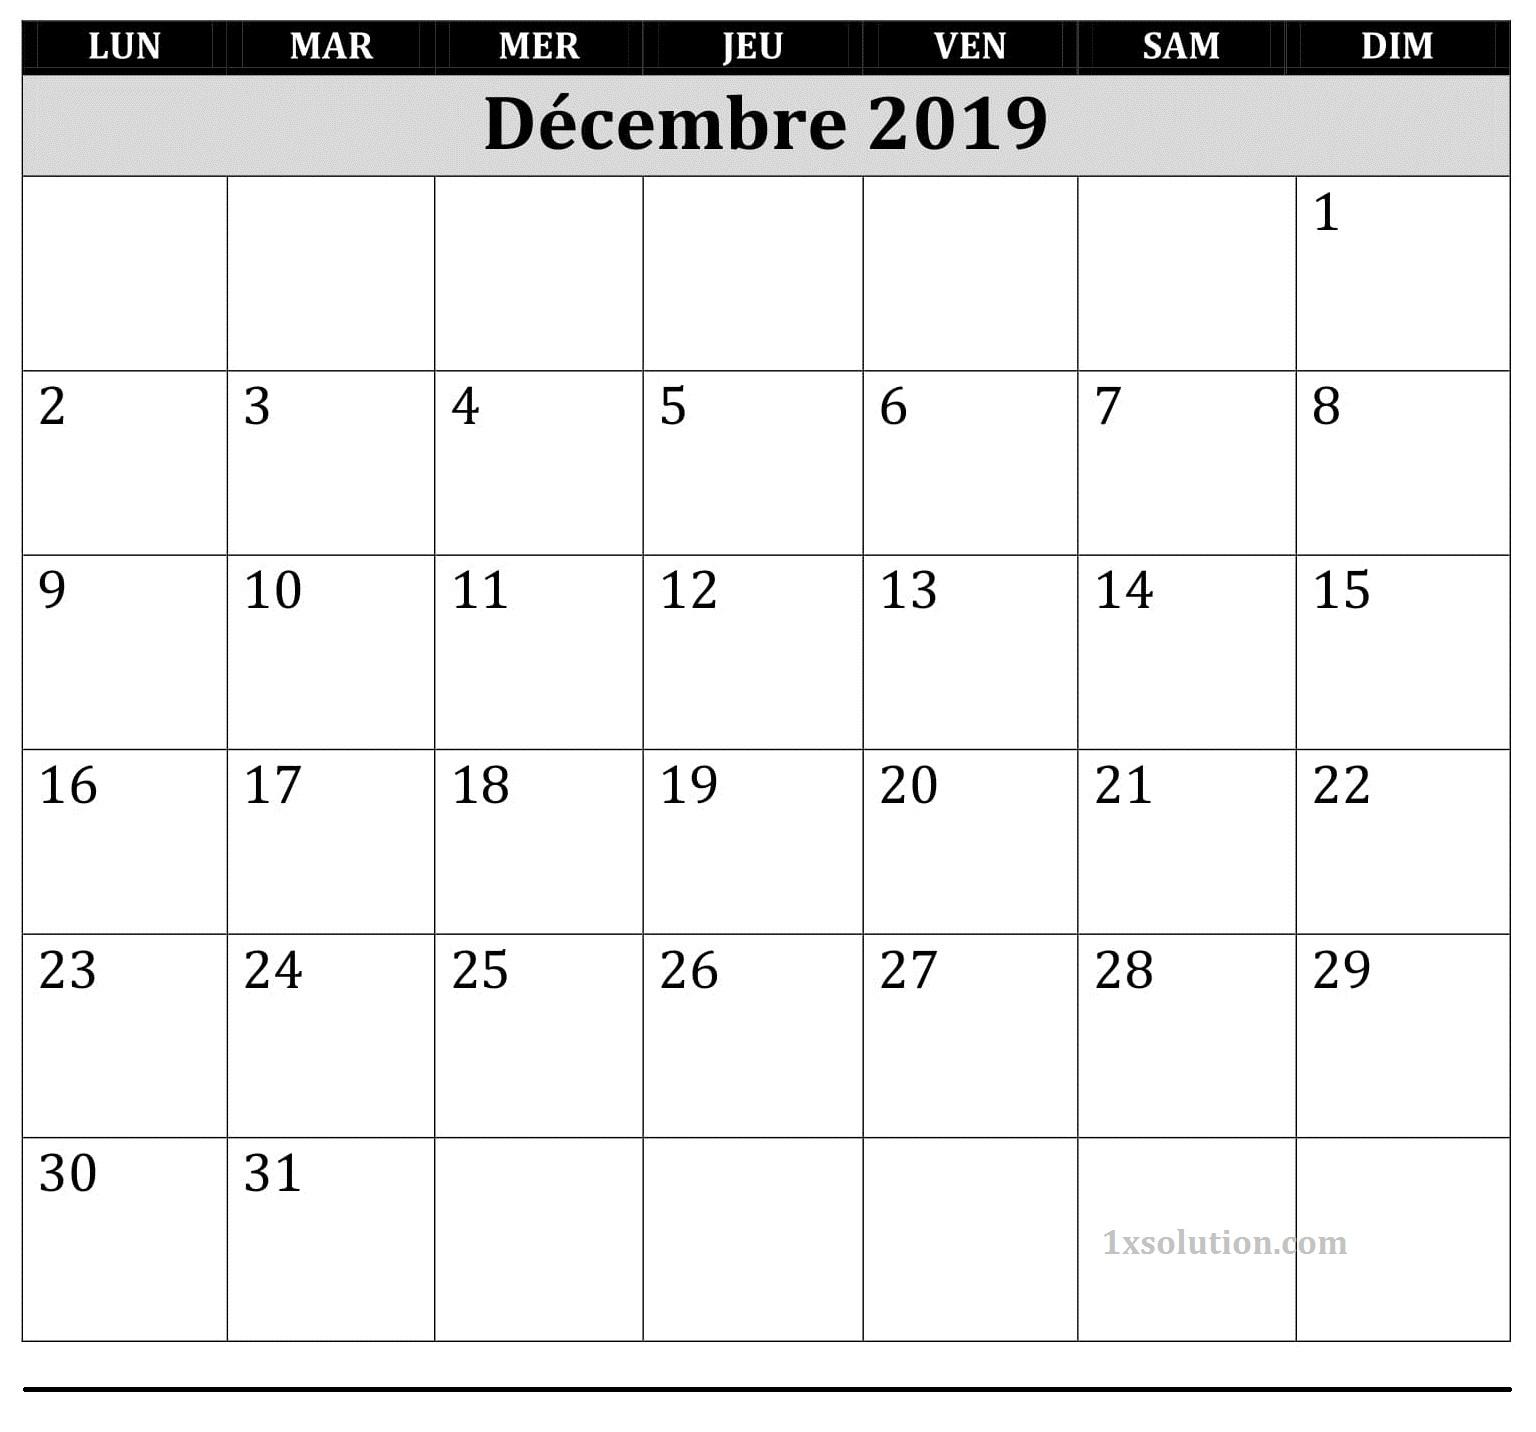 Word Calendrier 2019 Décembre